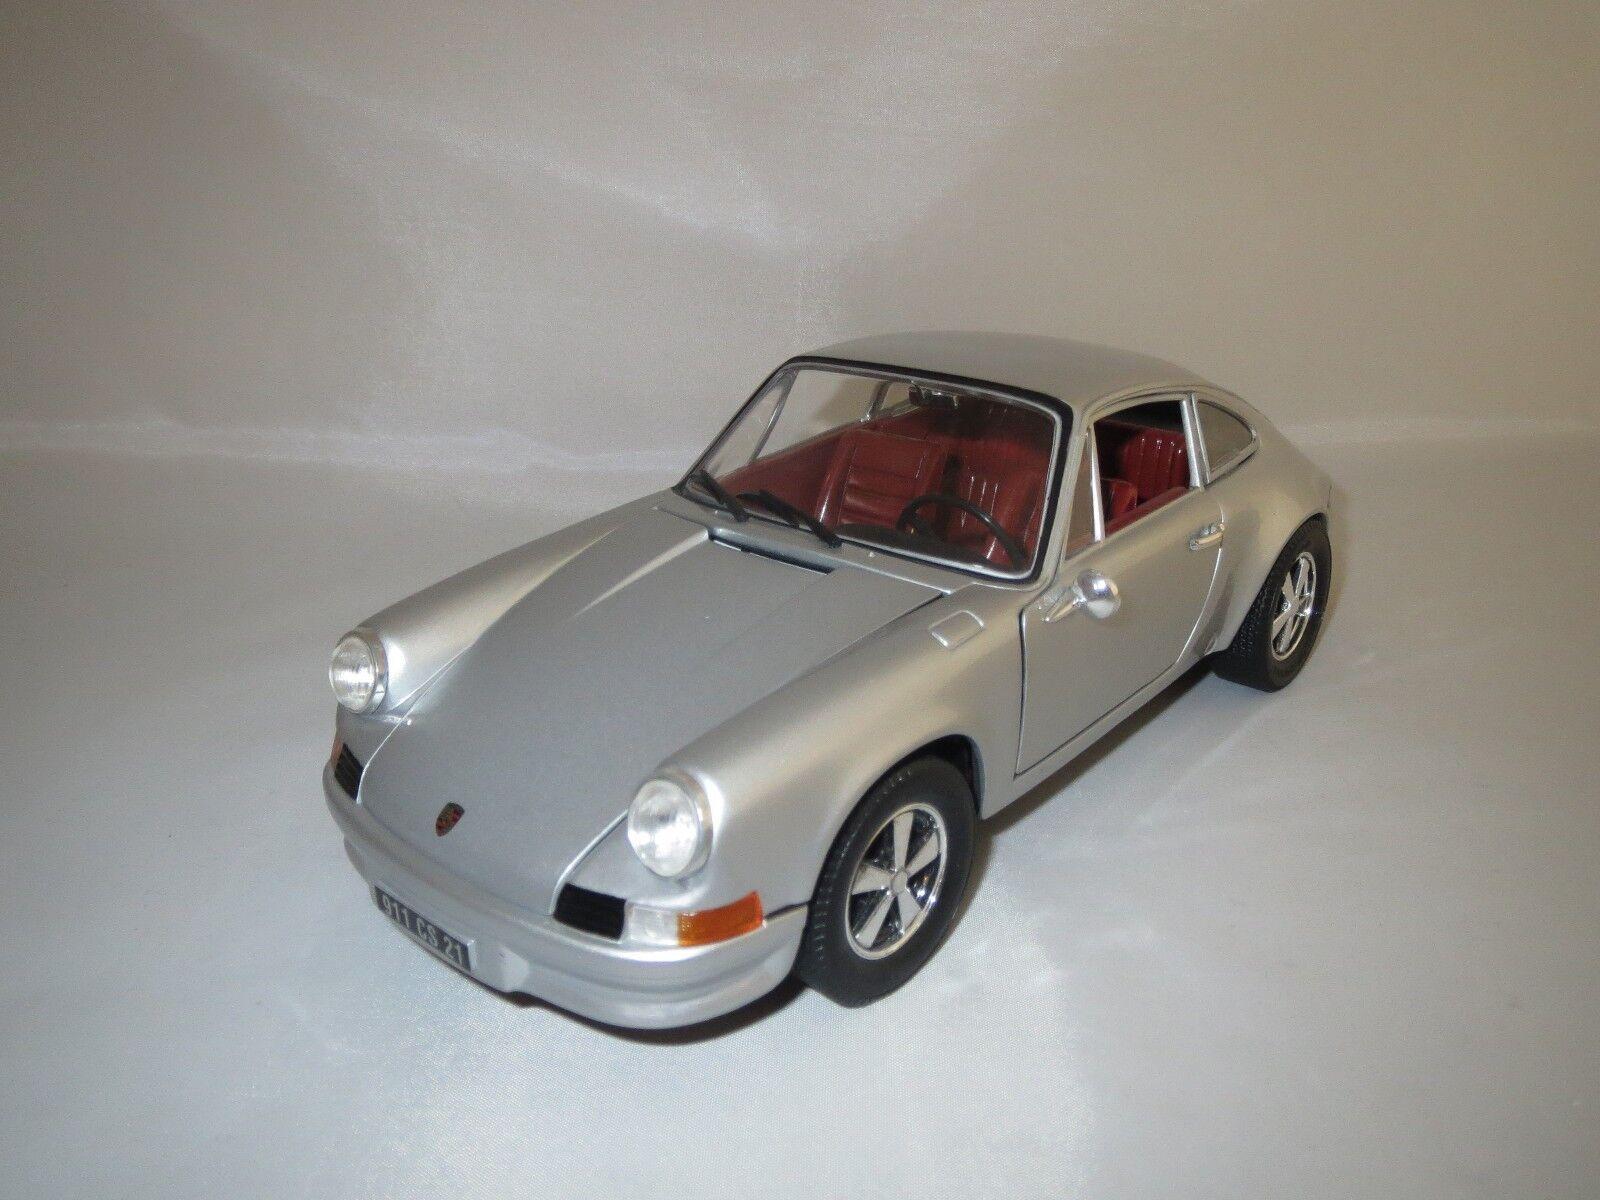 Universal Hobbies Porsche 911 S 2,4 L (argent) 1 18  sans emballage  en bonne santé